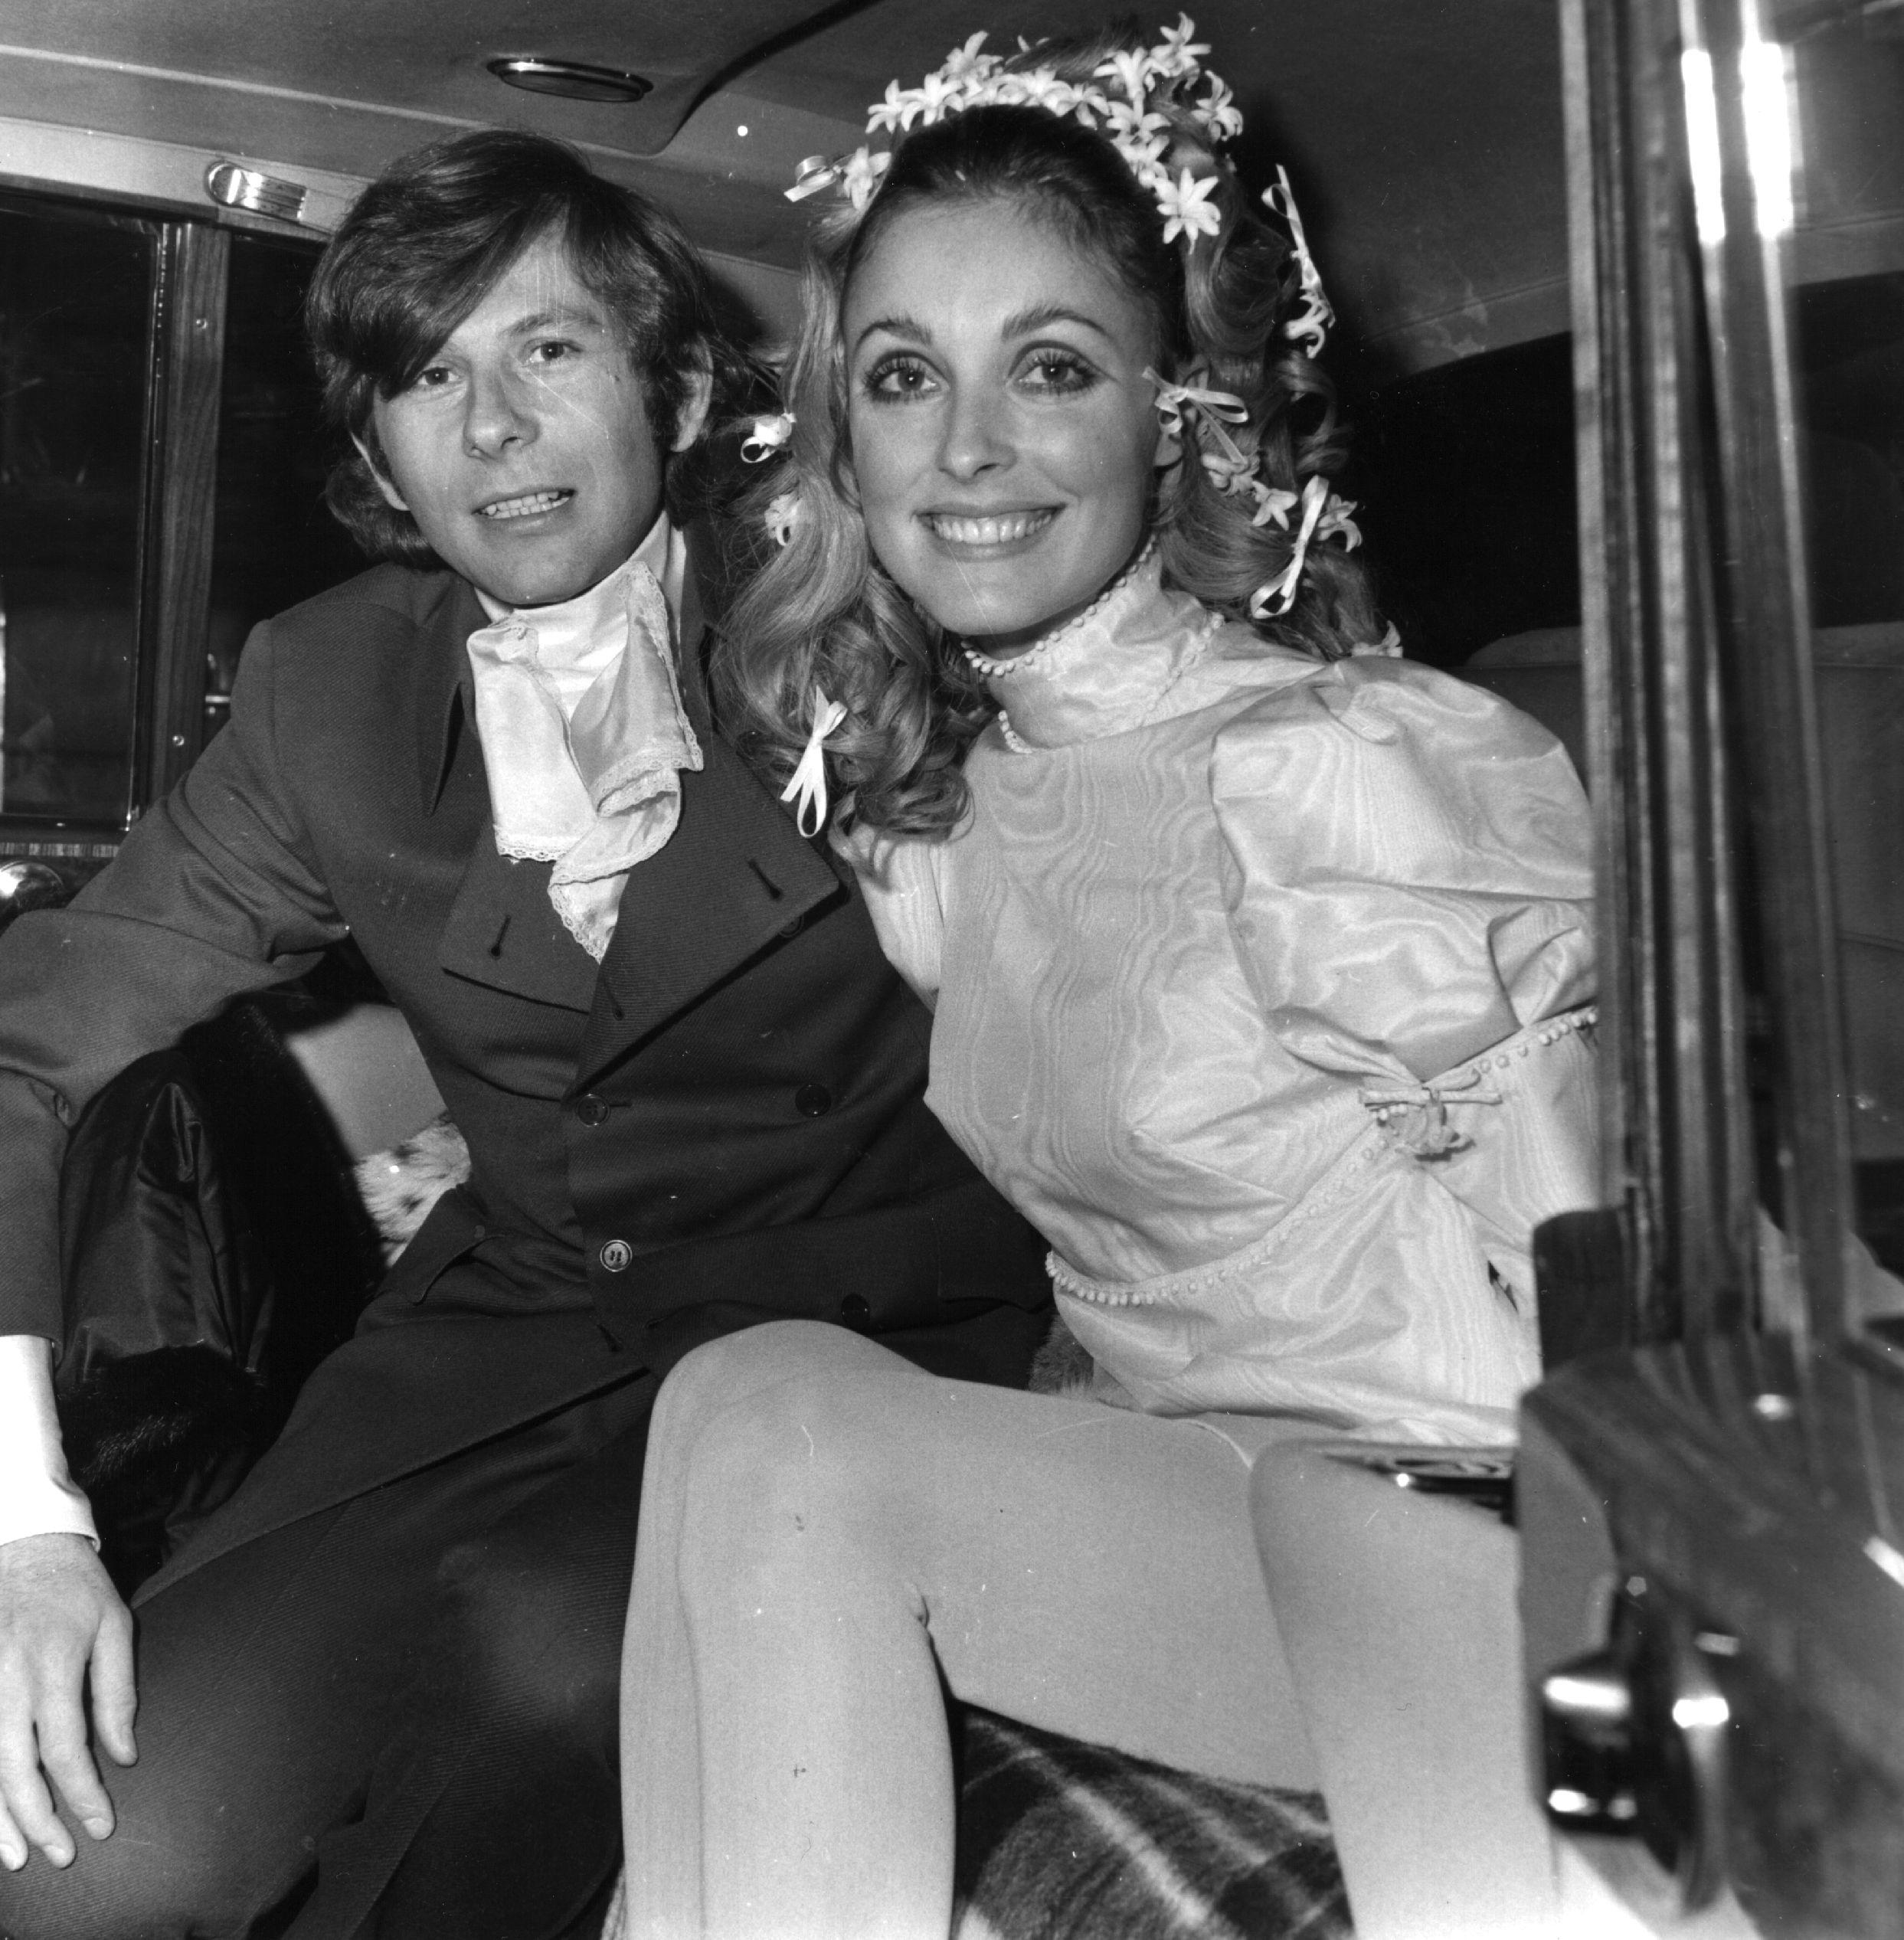 Roman Polasnki e Sharon Tate no dia em que uniram votos, em 1968.